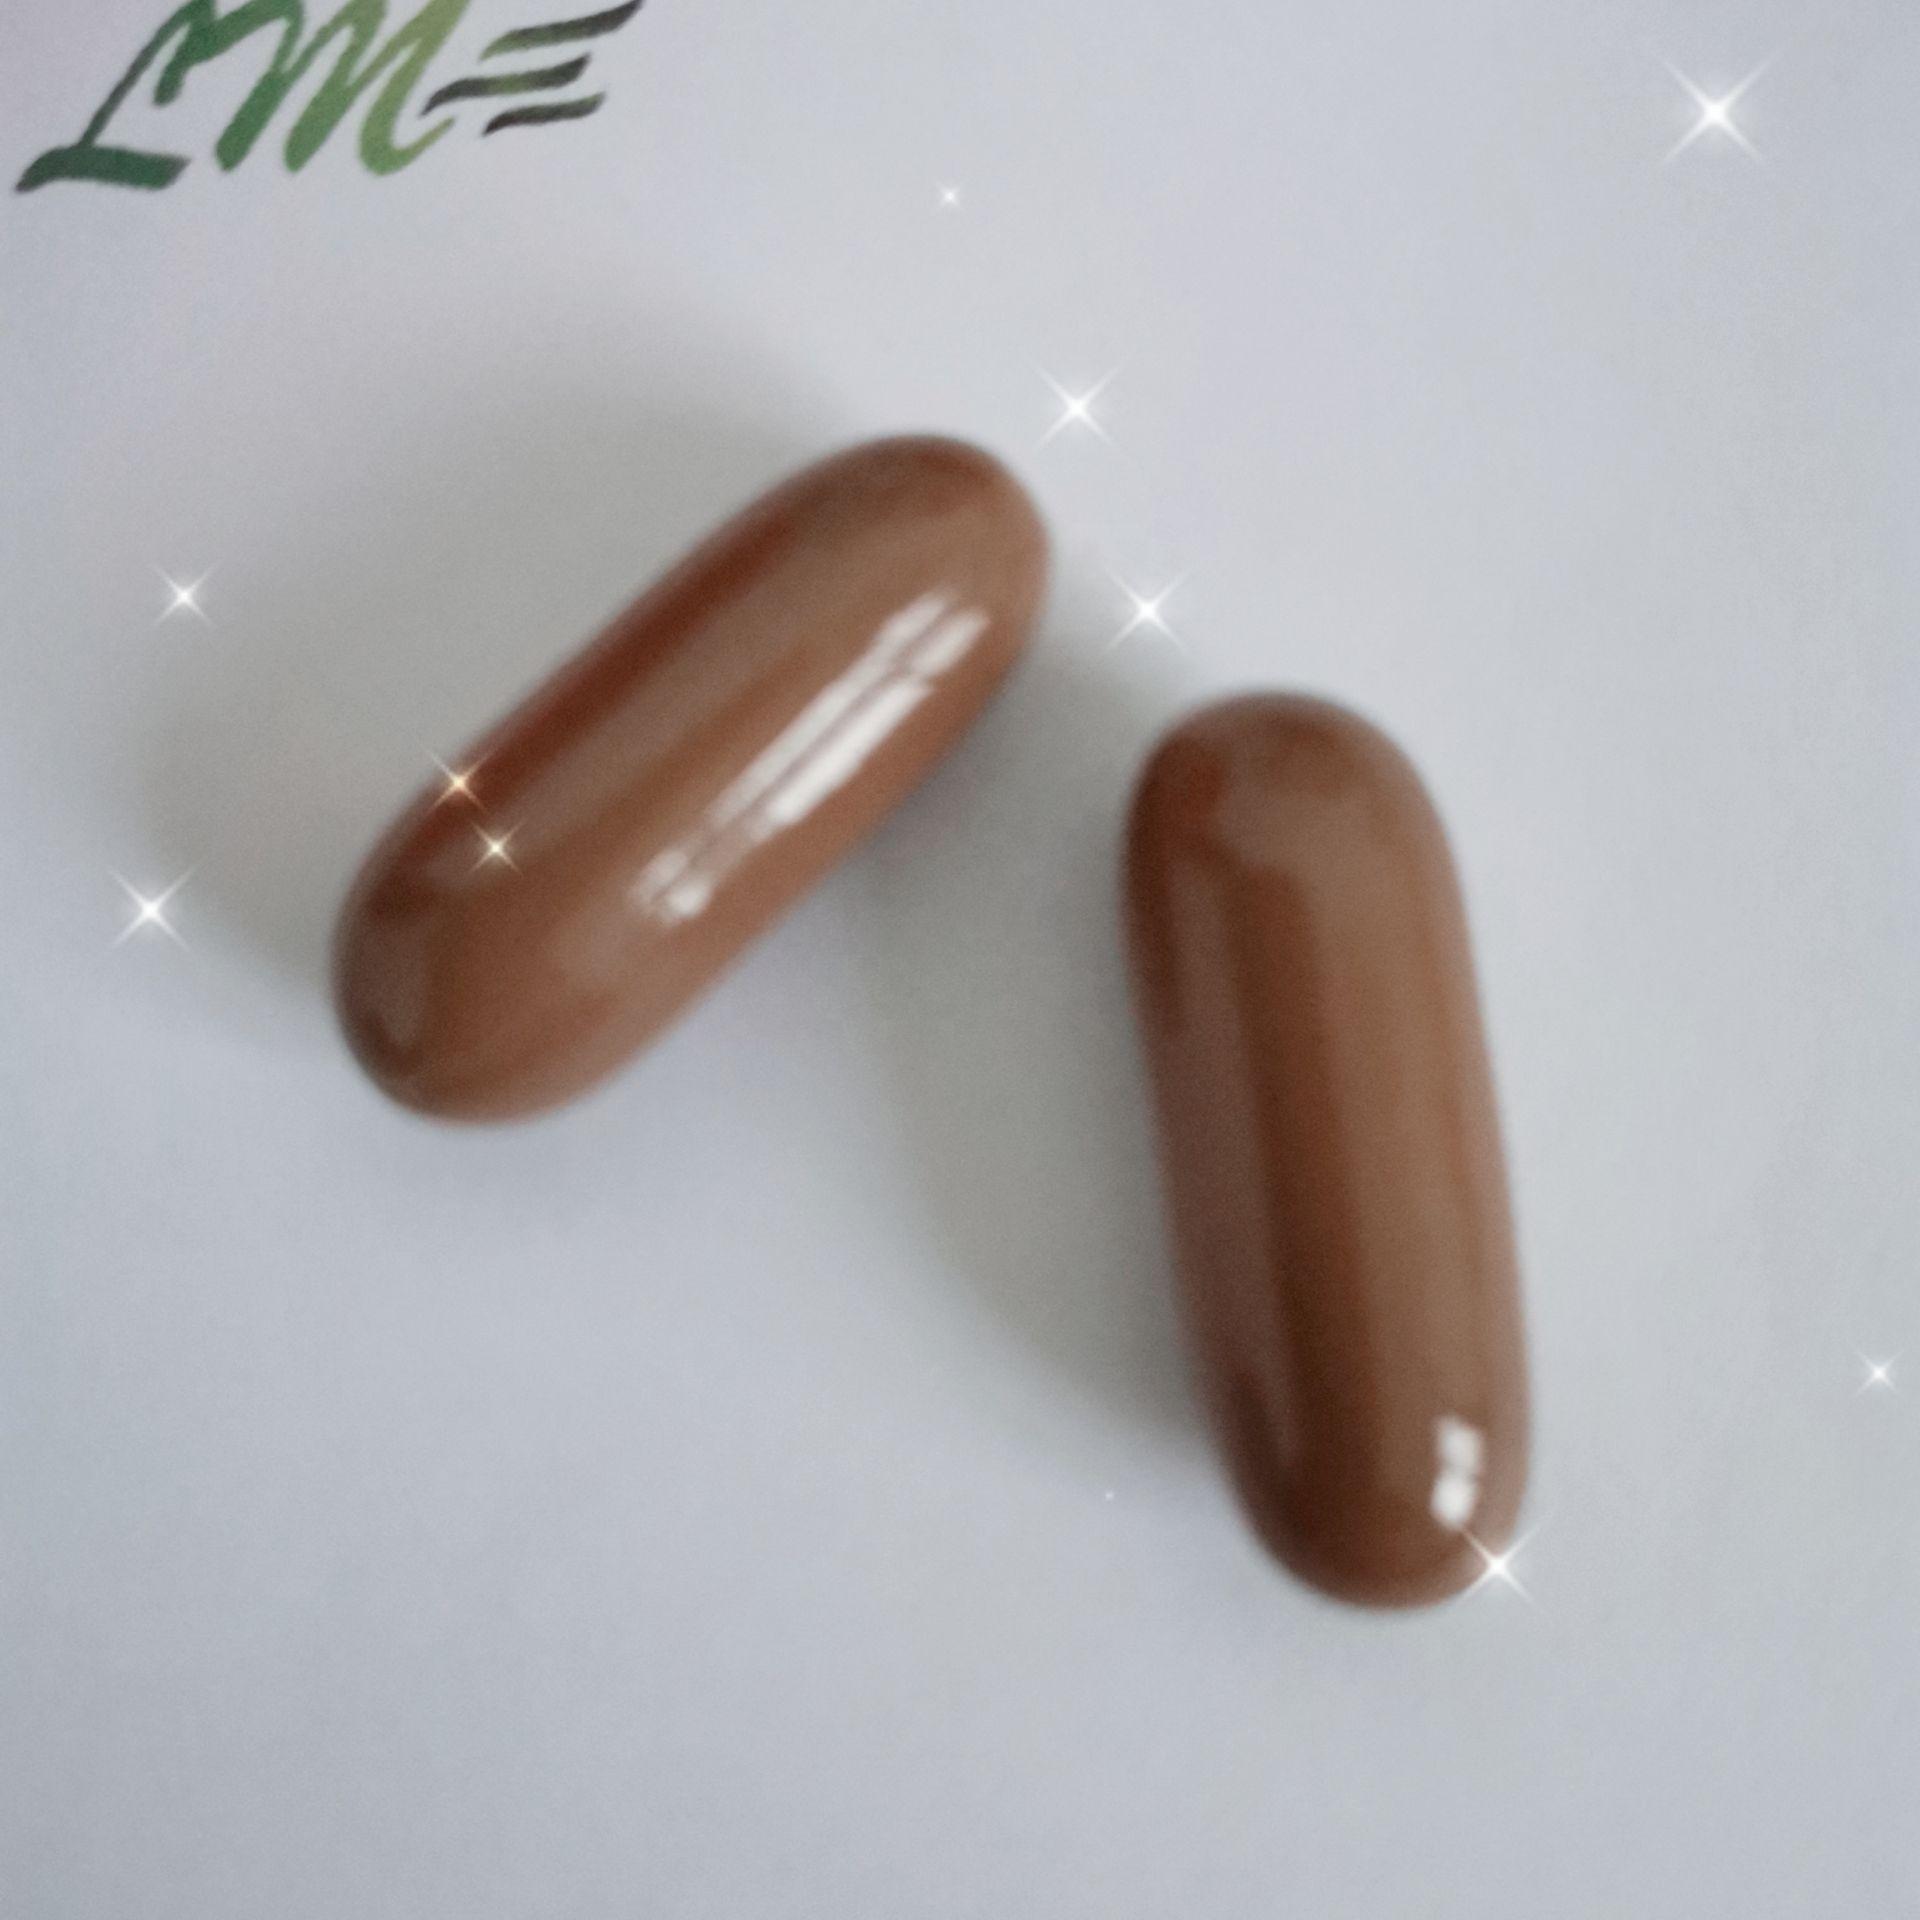 Питание добавка травяной экстракт долгое время секс медицина капсулы для мужчин